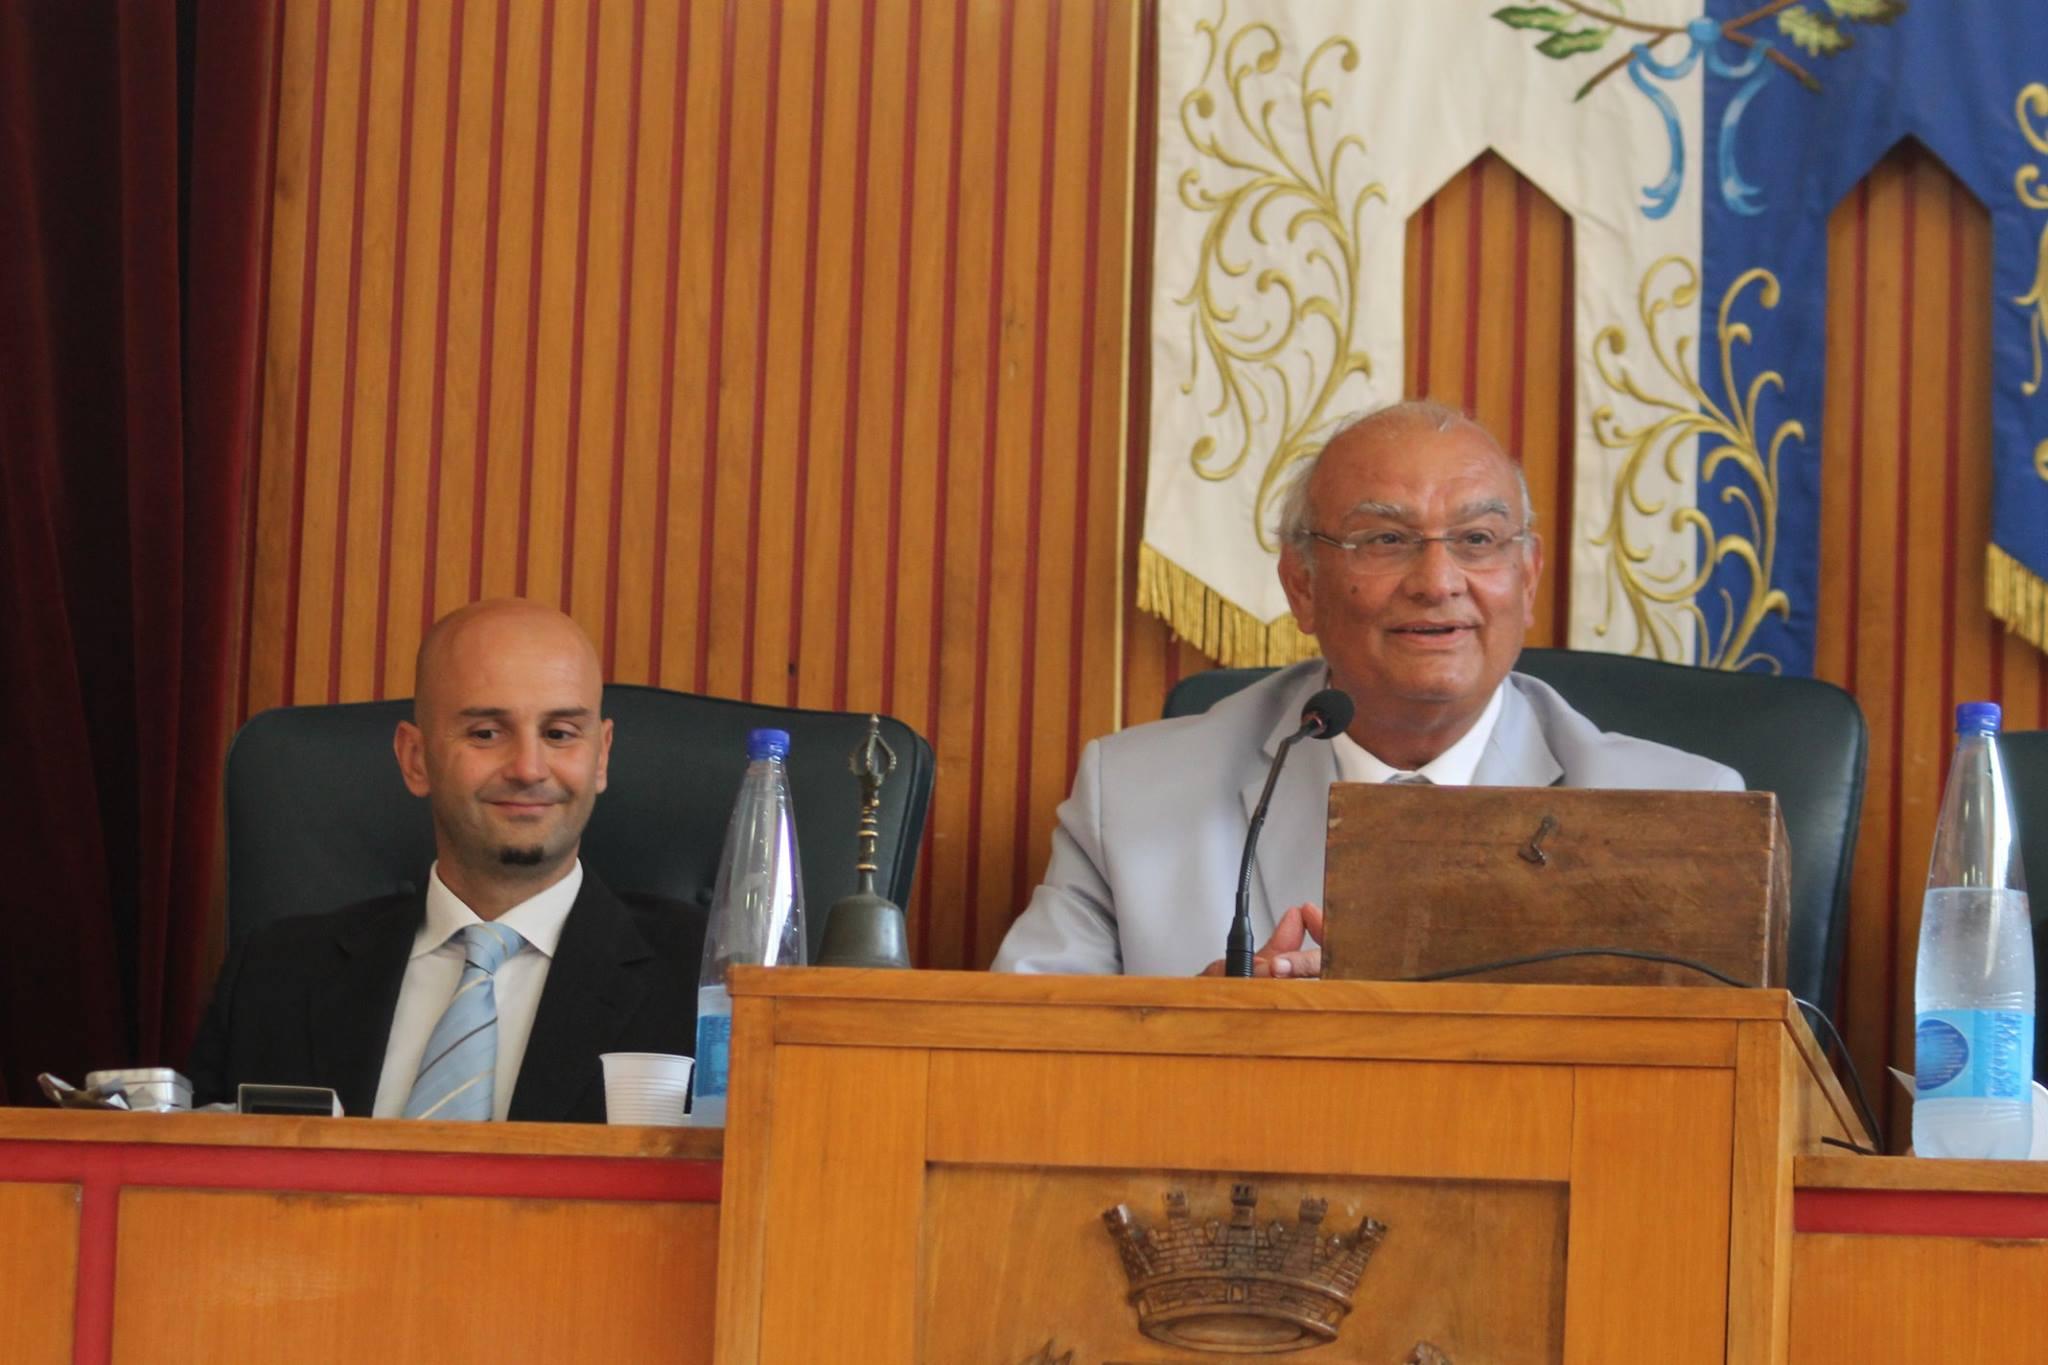 gianfranco sciscione, presidente del consiglio. anxur time